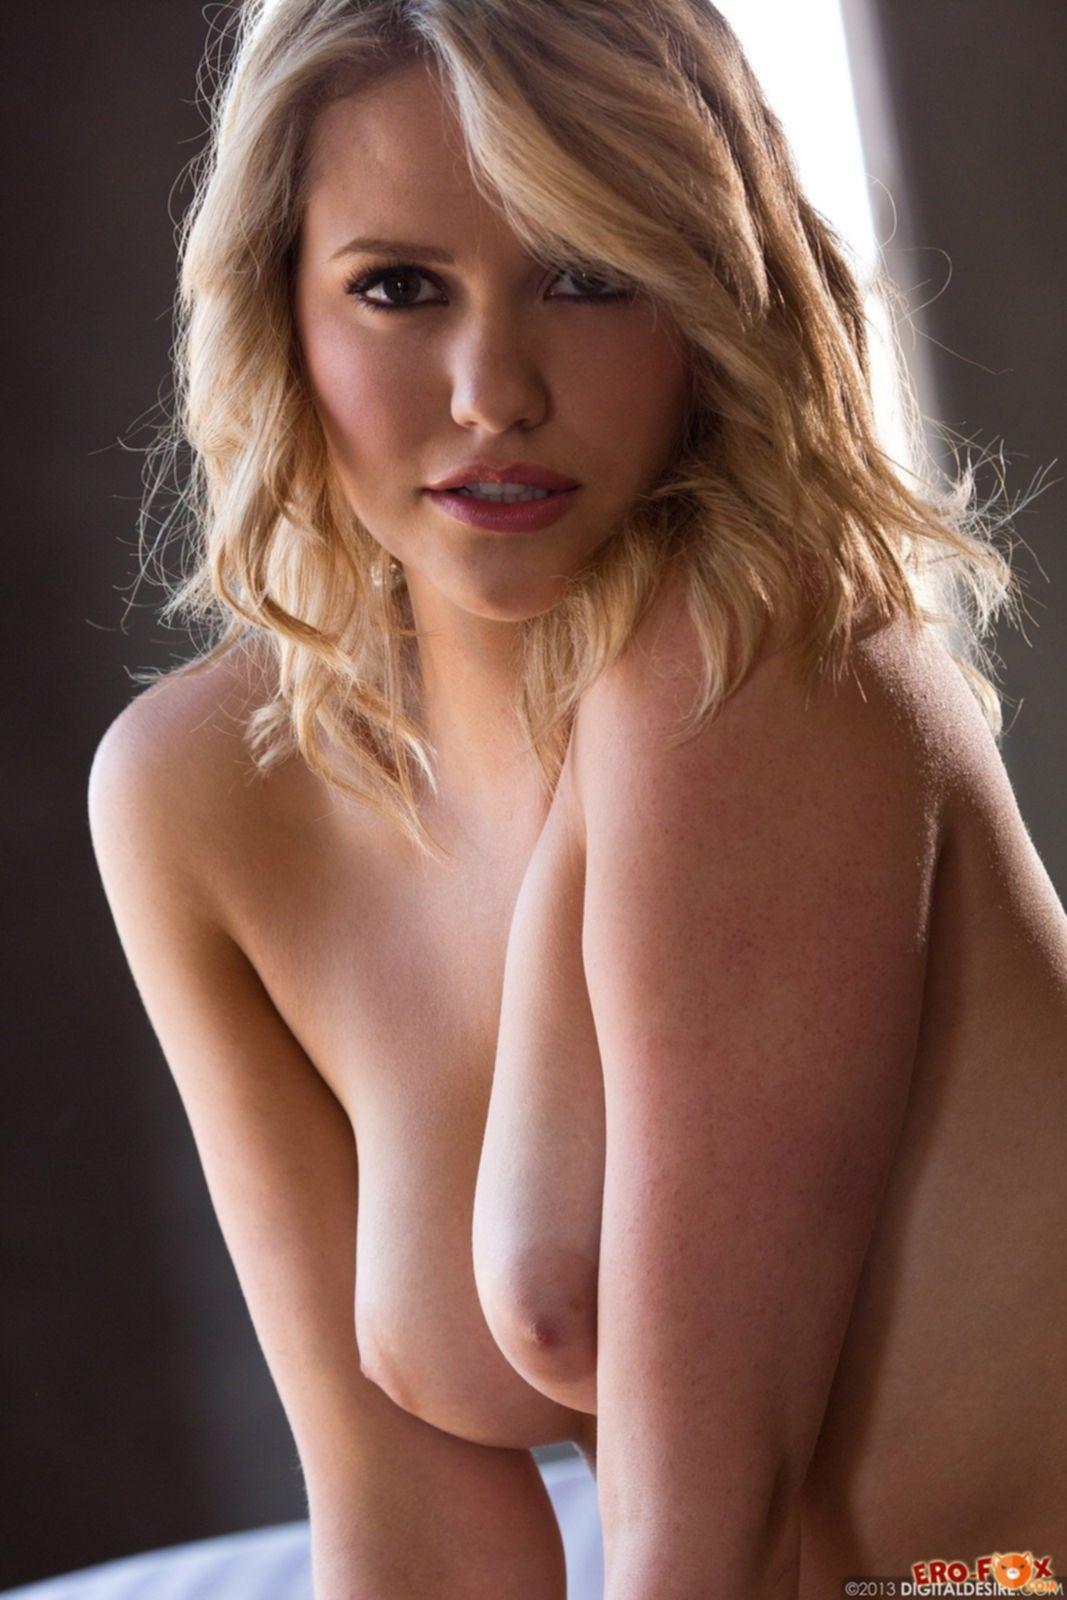 Блондинка показала большую красивую попку - фото